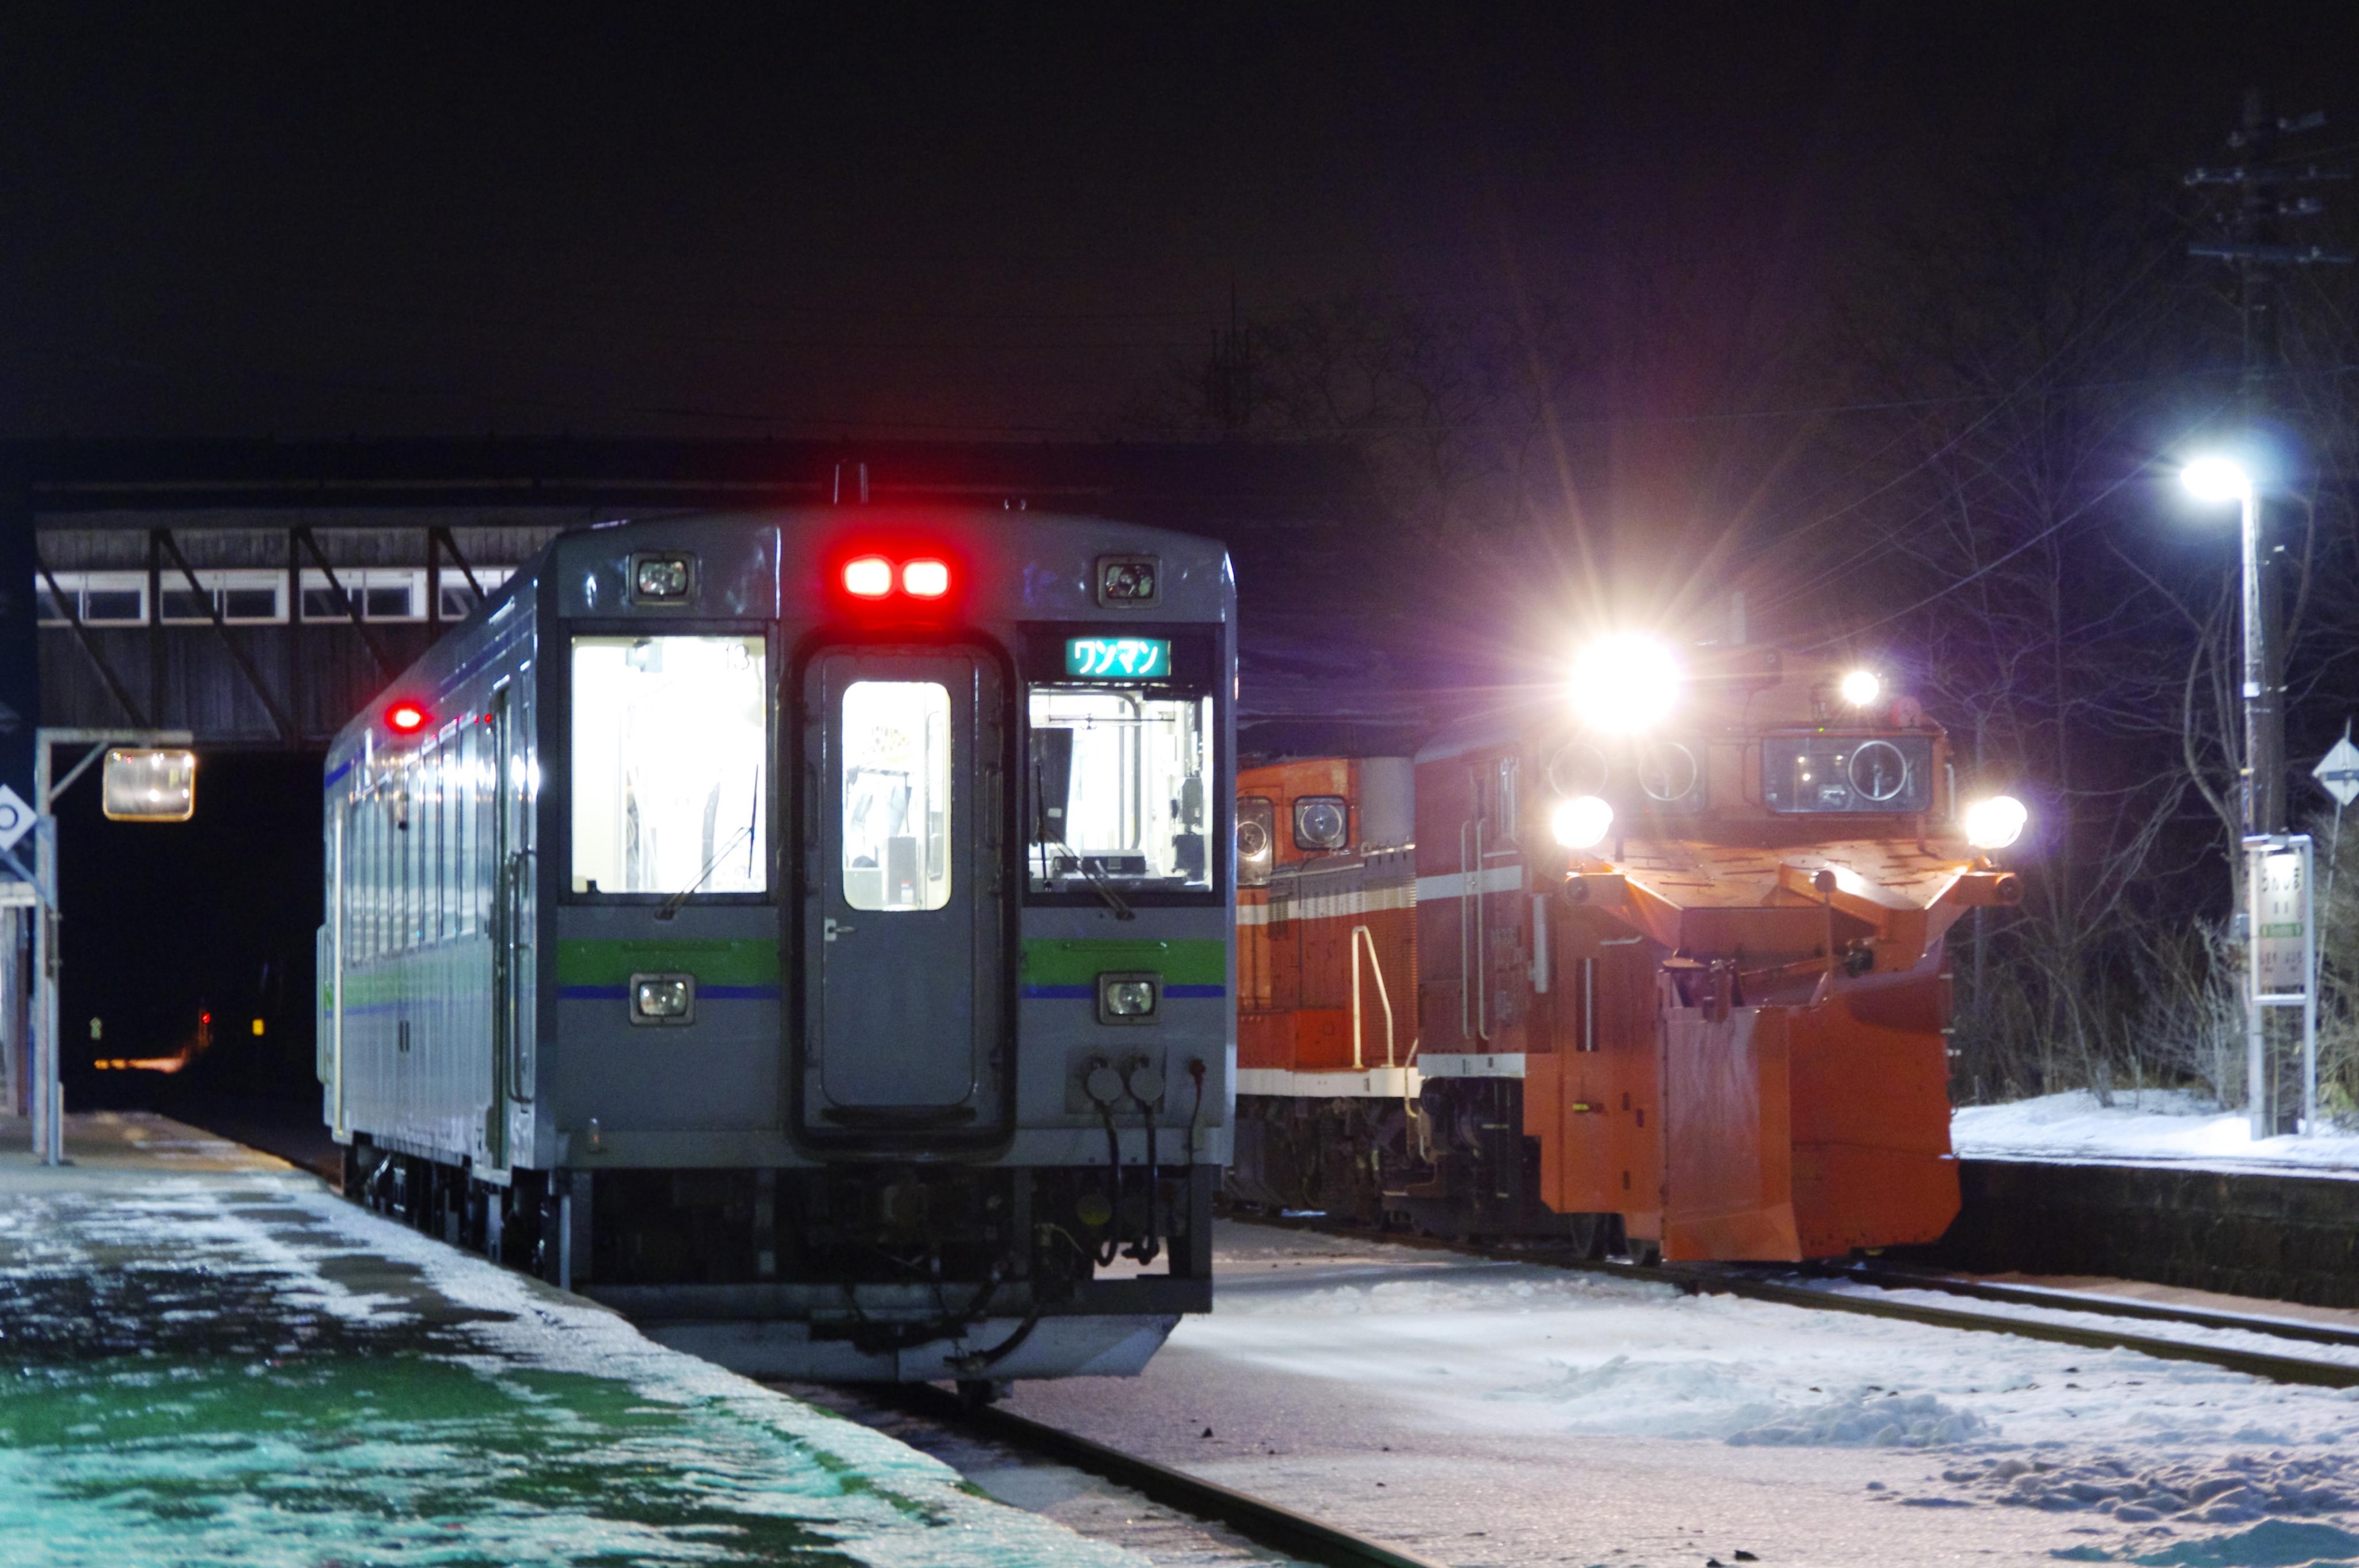 雪122レ & 1955D 蘭島駅 191214.jpg